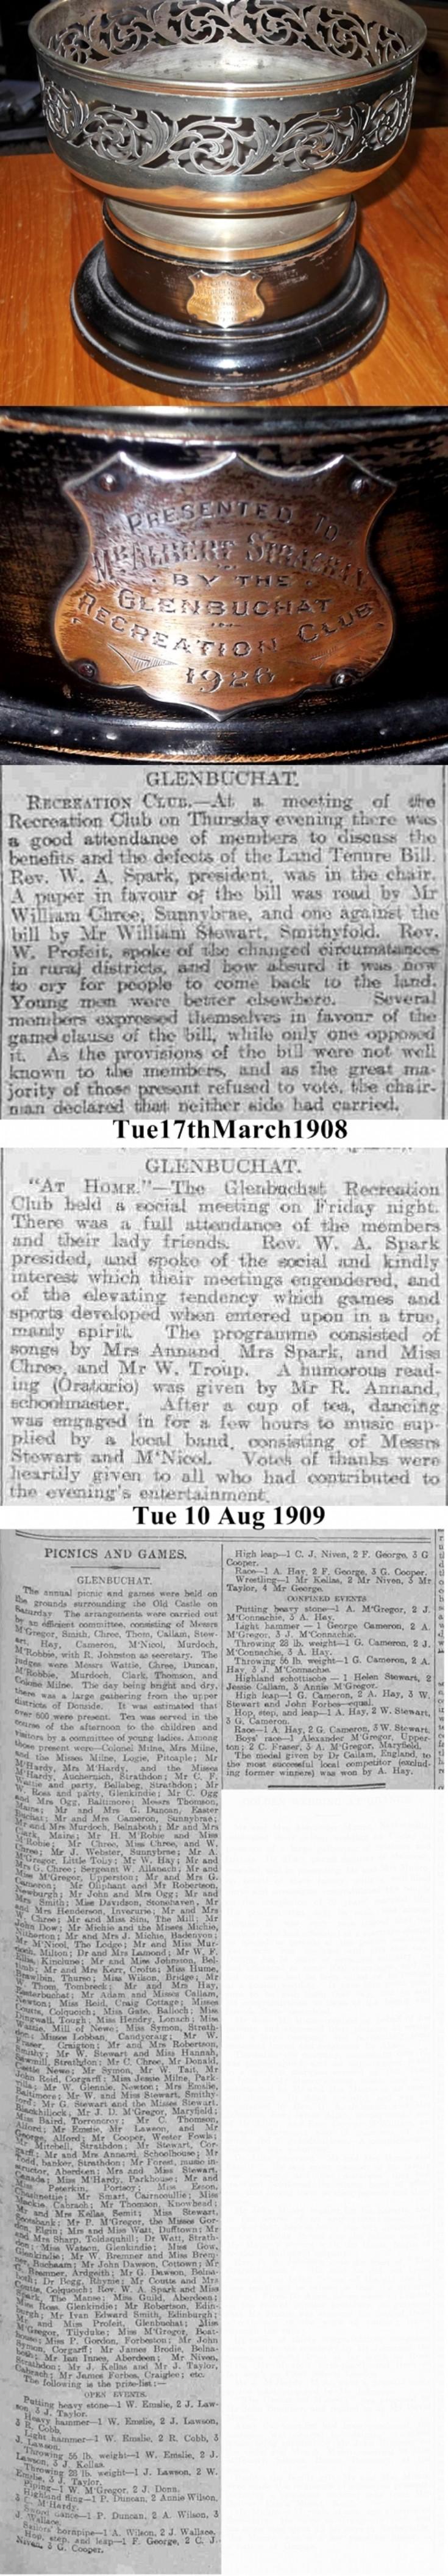 158 Albert Strachan Presentation trophy 1926